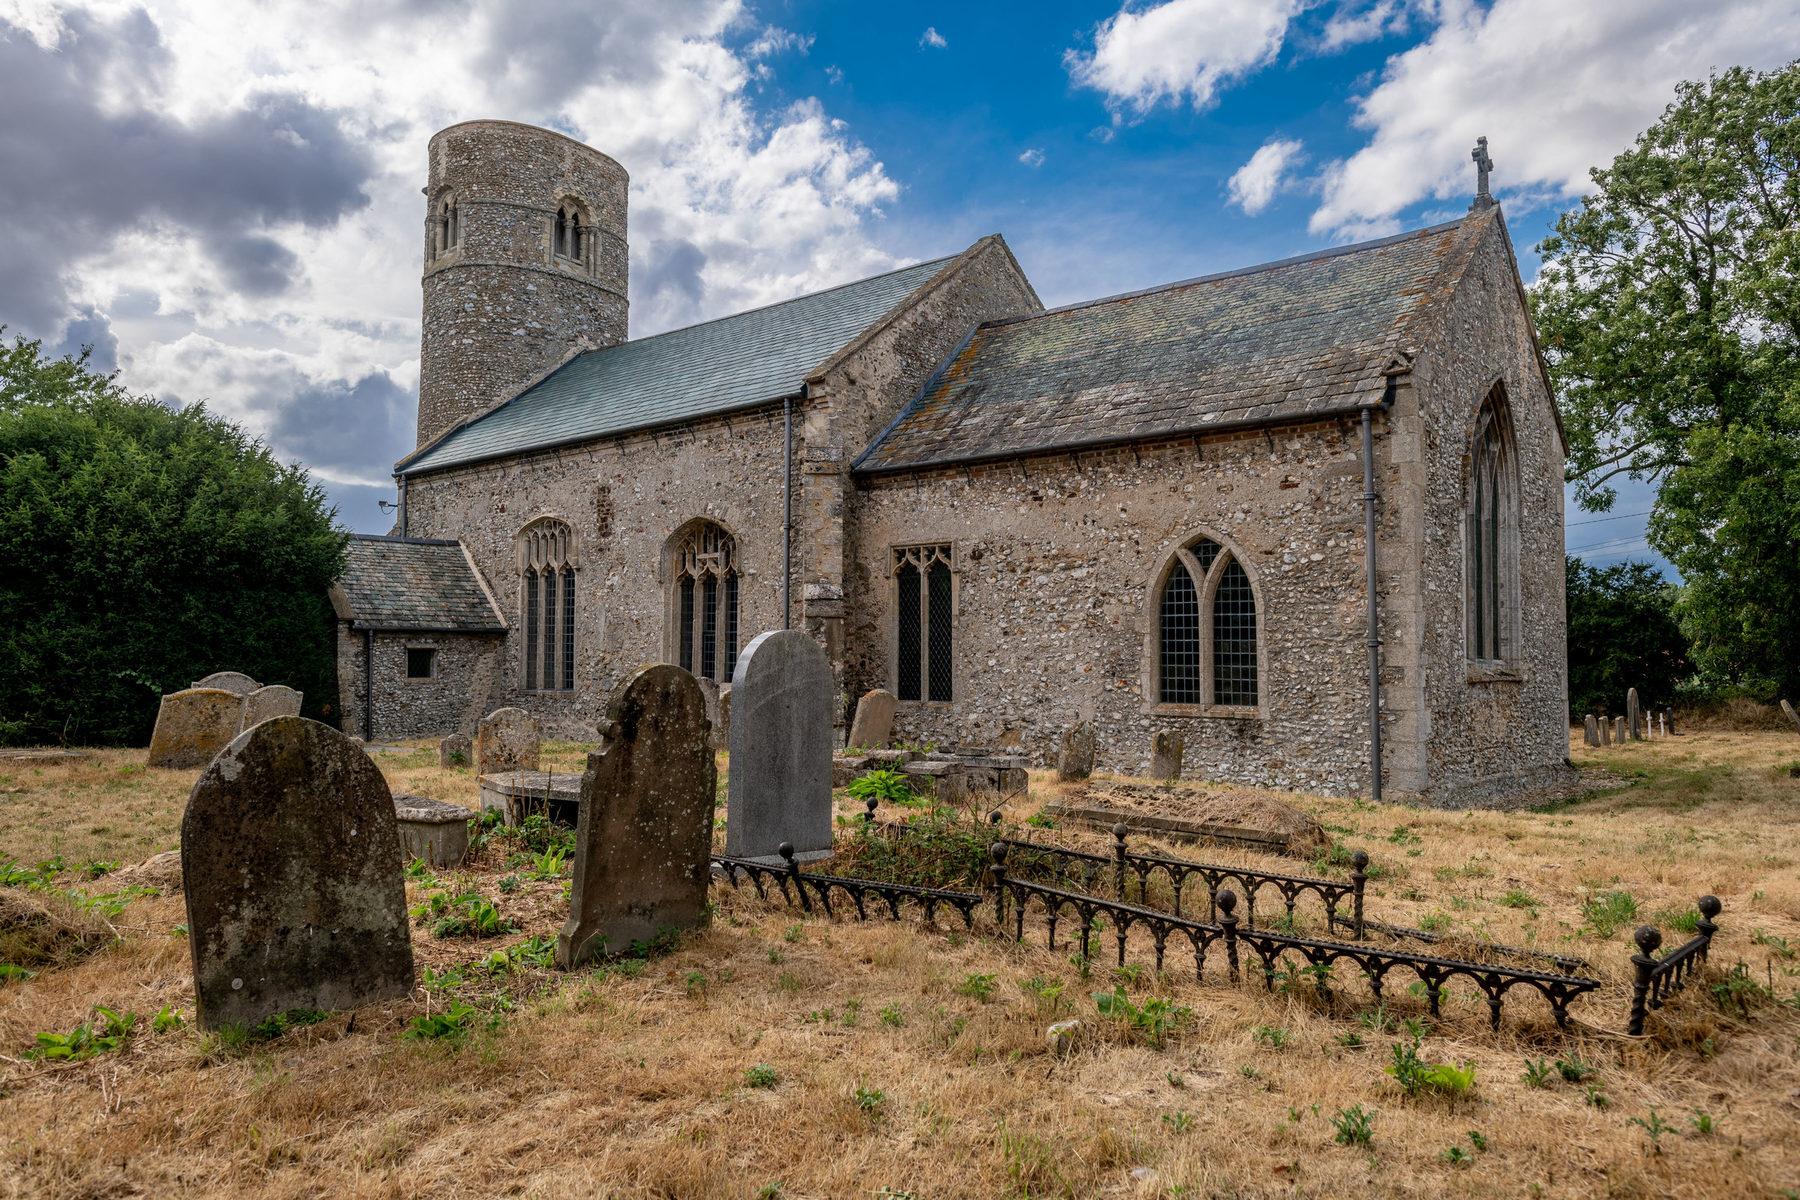 014 Gayton Thorpe Church 2018